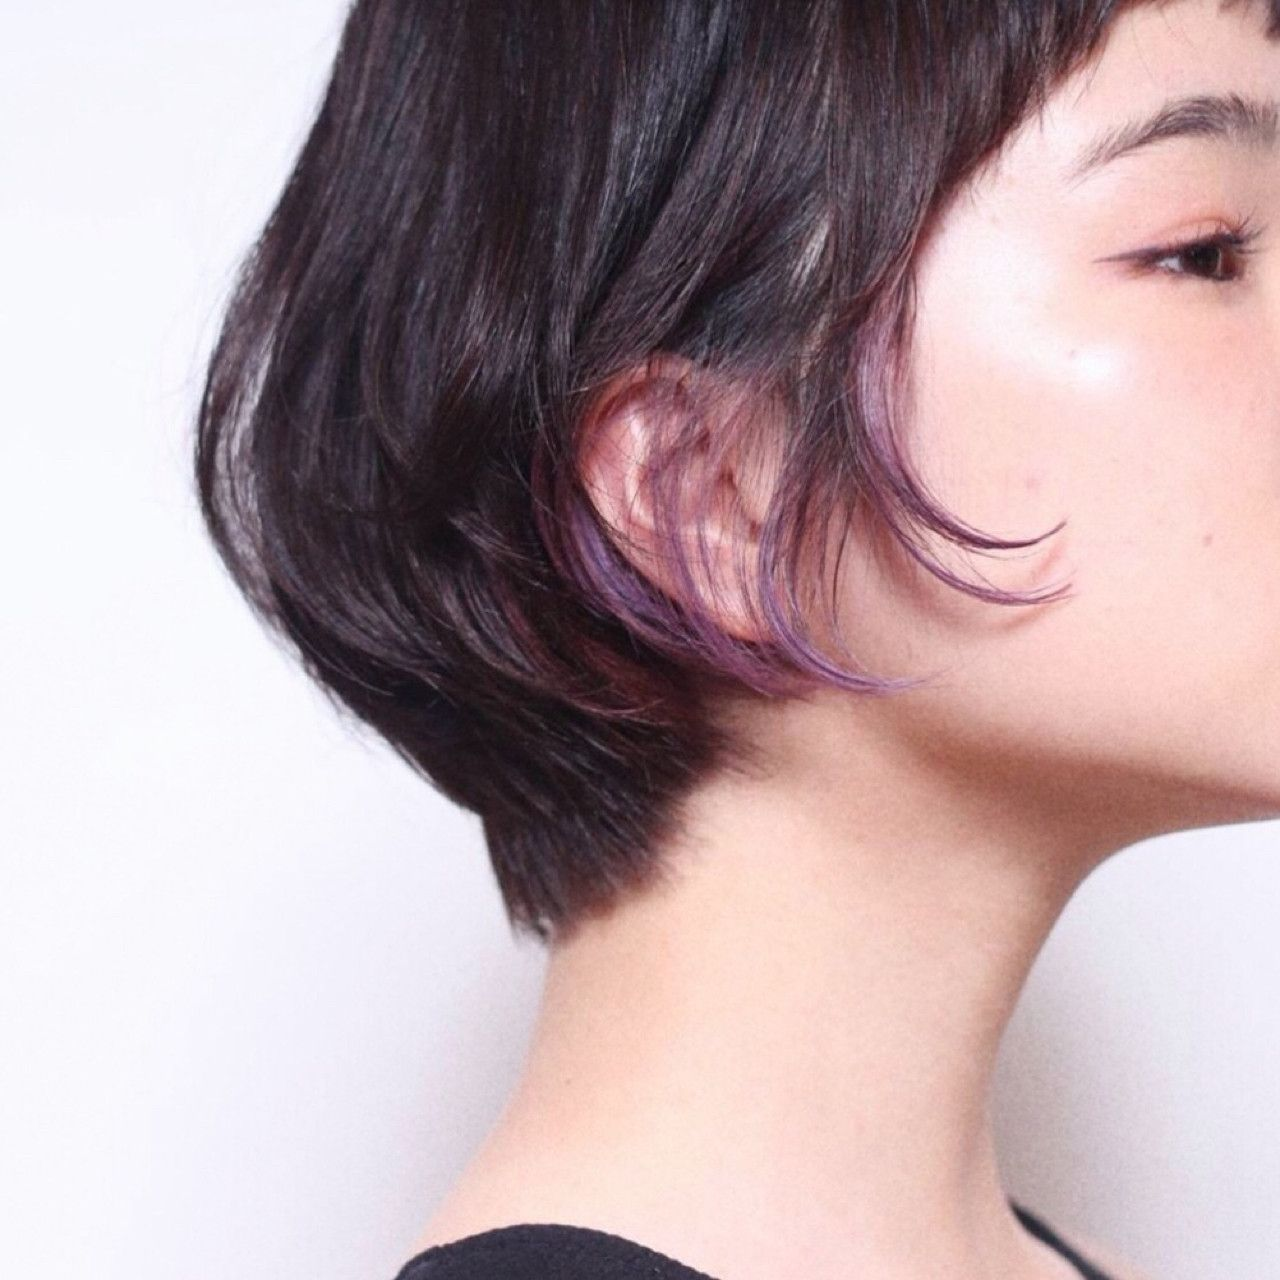 黒髪ショートにアクセントを おすすめインナーカラースタイル特集